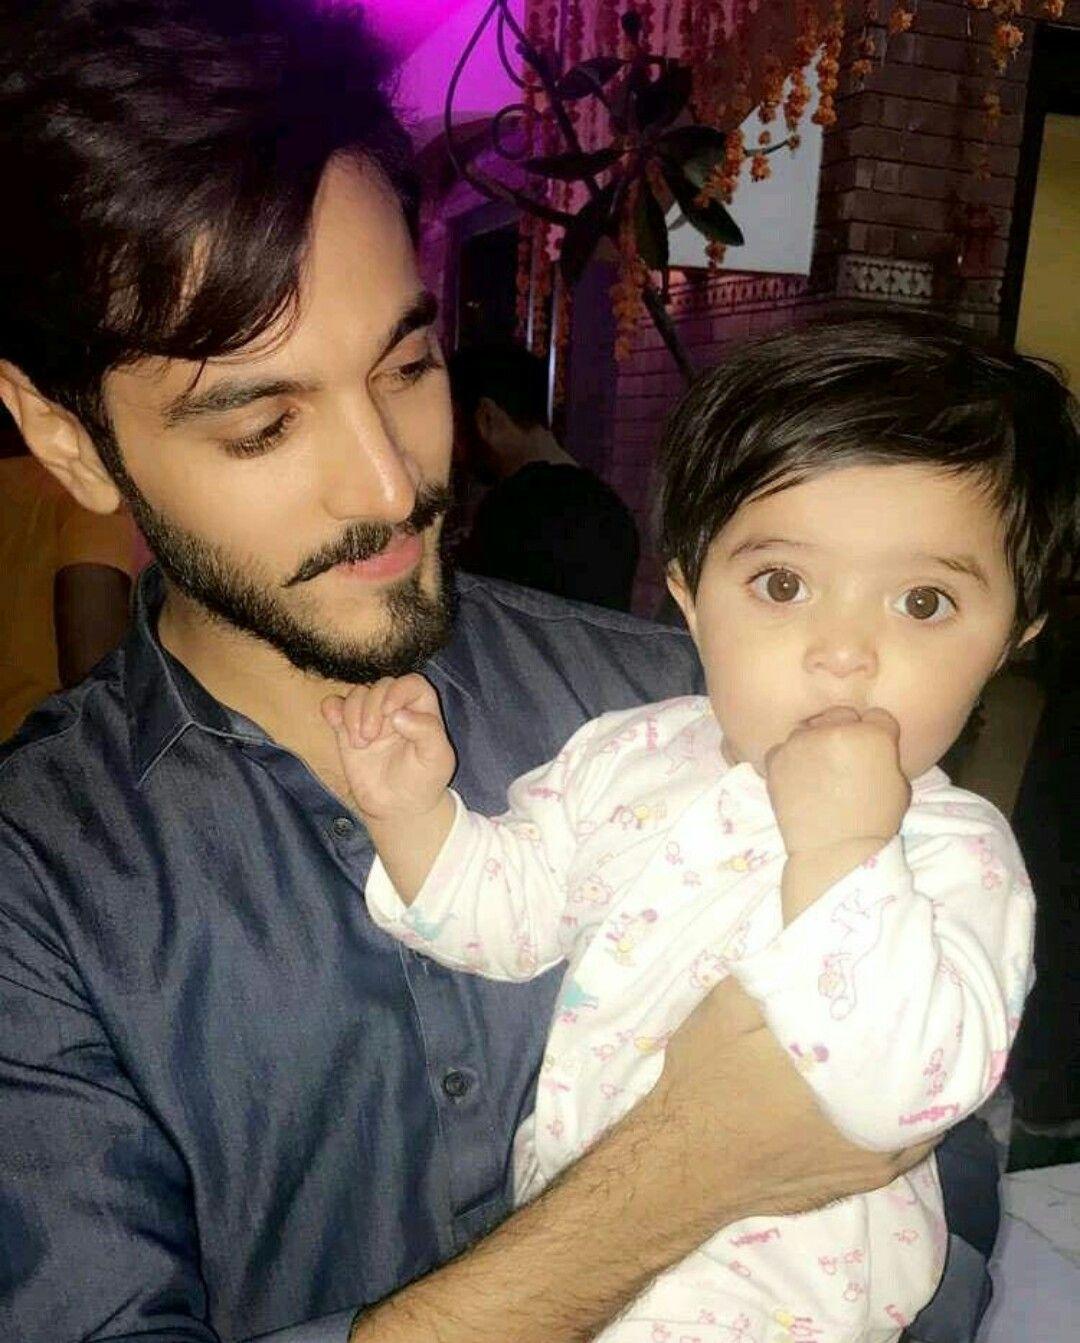 Handsome wahaj ali with her daughter | Tv actors, Pakistani people, Actors & actresses